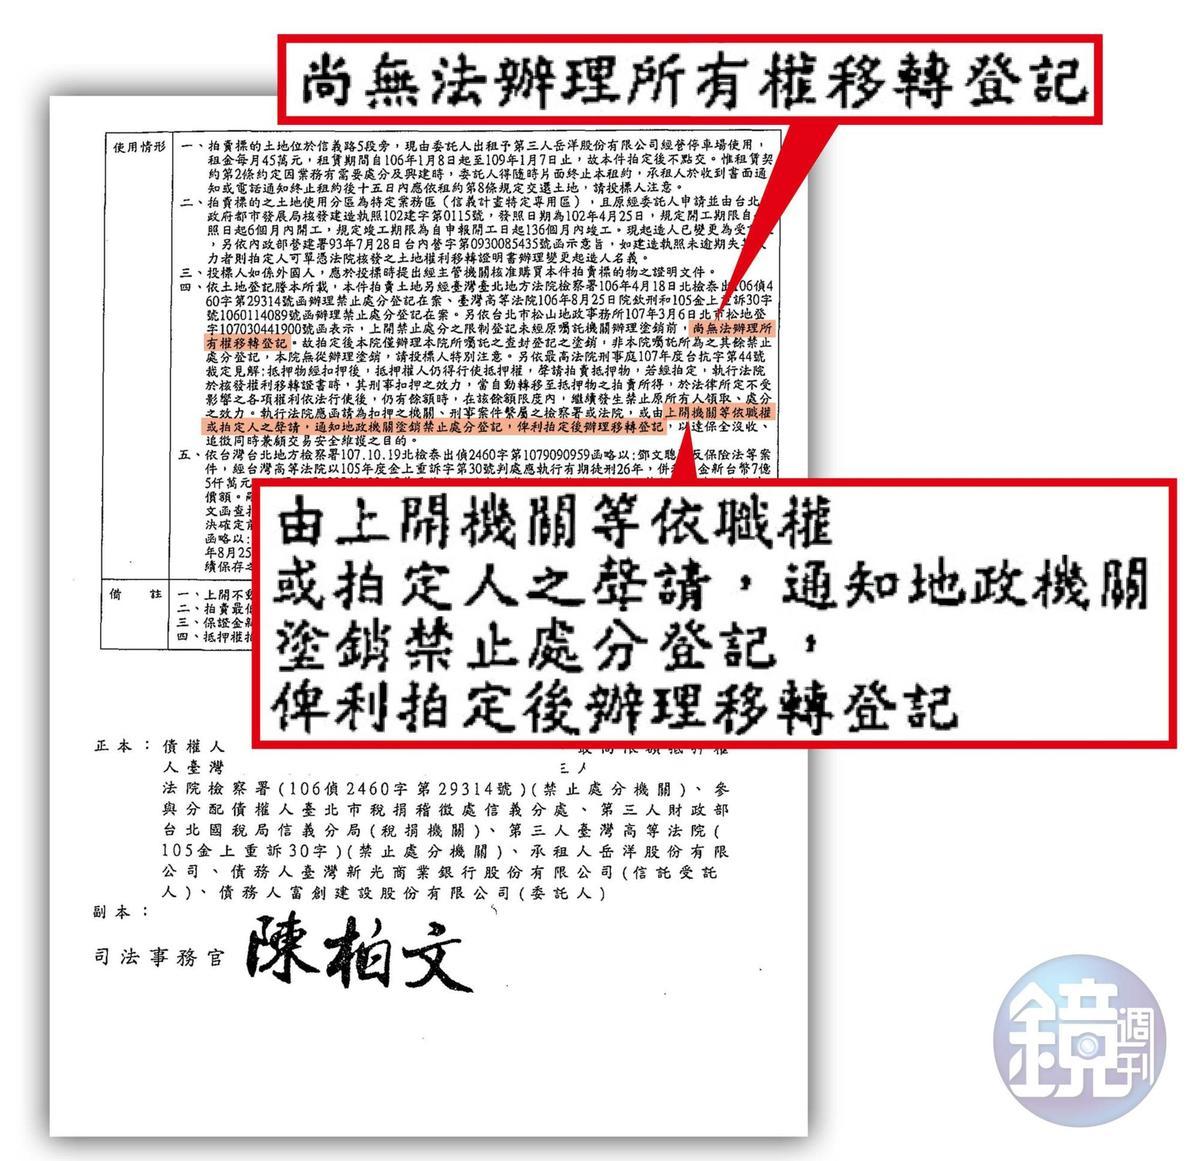 D3第3次公開拍賣通知書上,雖然改變說法,開頭仍說無法辦理所有權移轉登記,結語卻又說拍定後可辦理移轉登記,前後矛盾。(讀者提供)